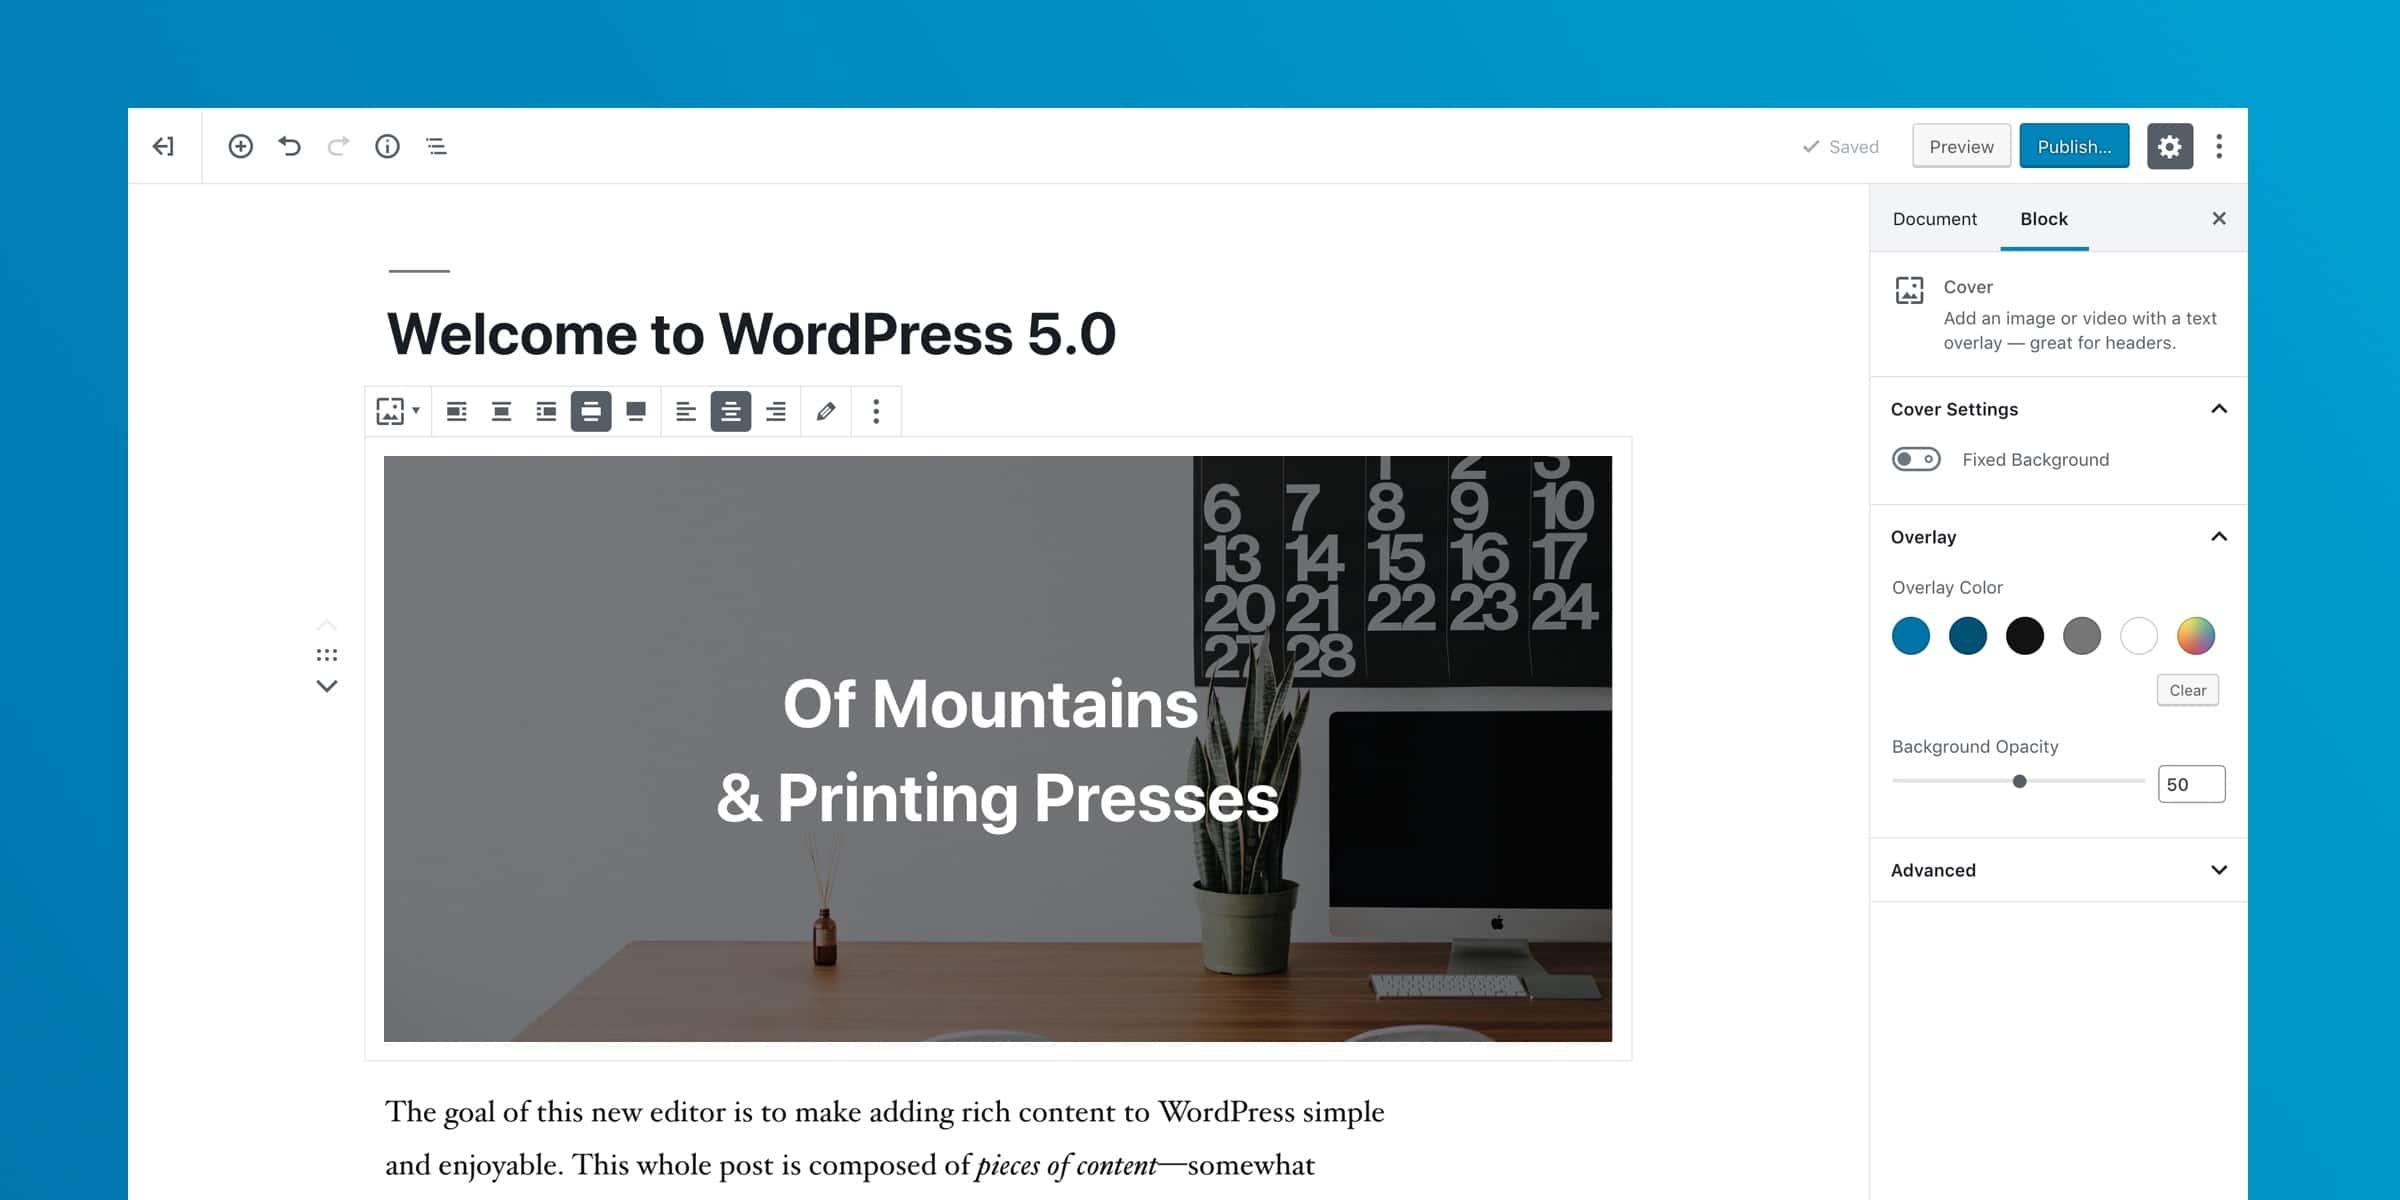 Así se ve Gutenberg al actualizar a WordPress 5.